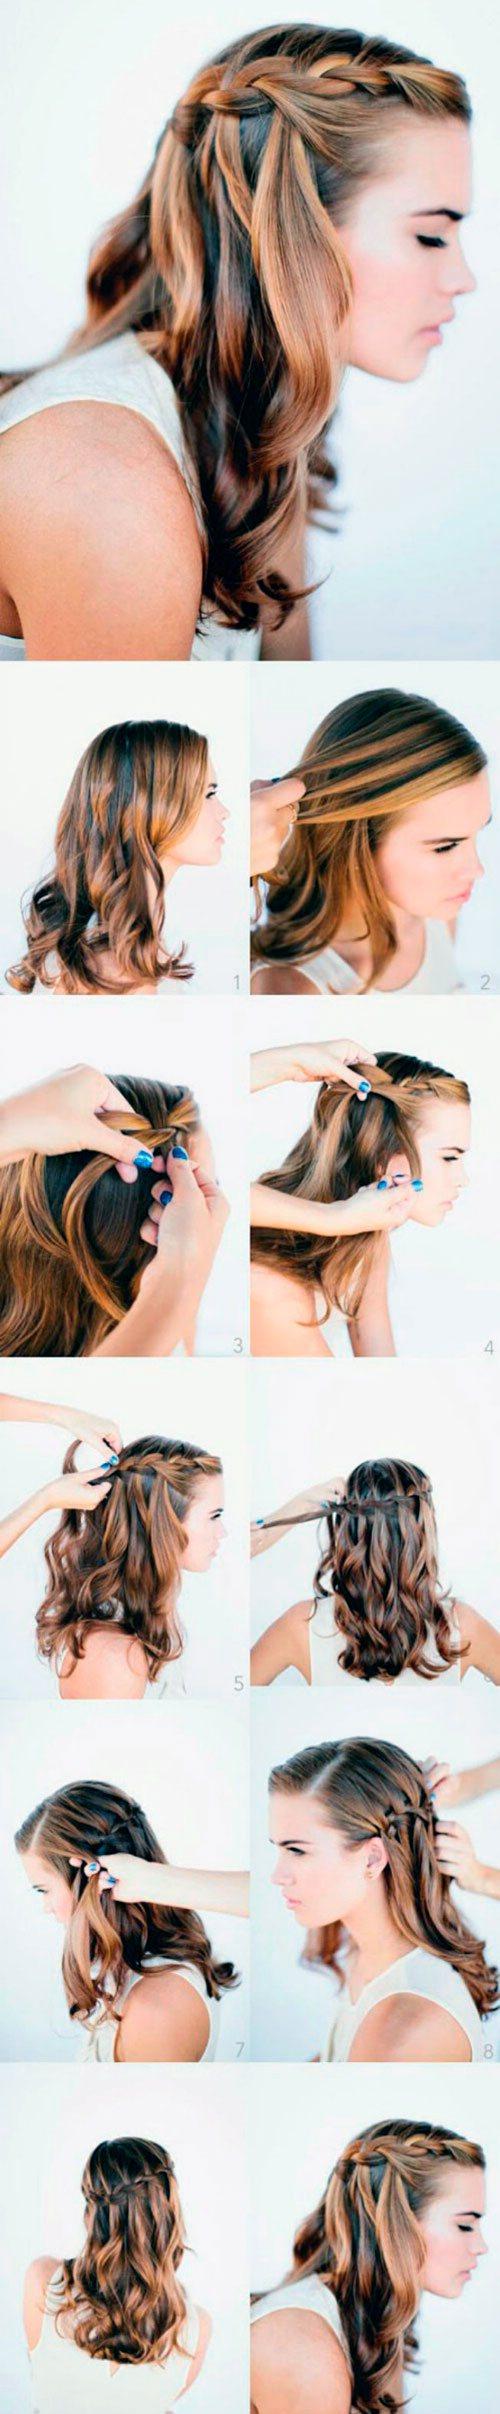 Женская прическа за 5 минут каскадная коса